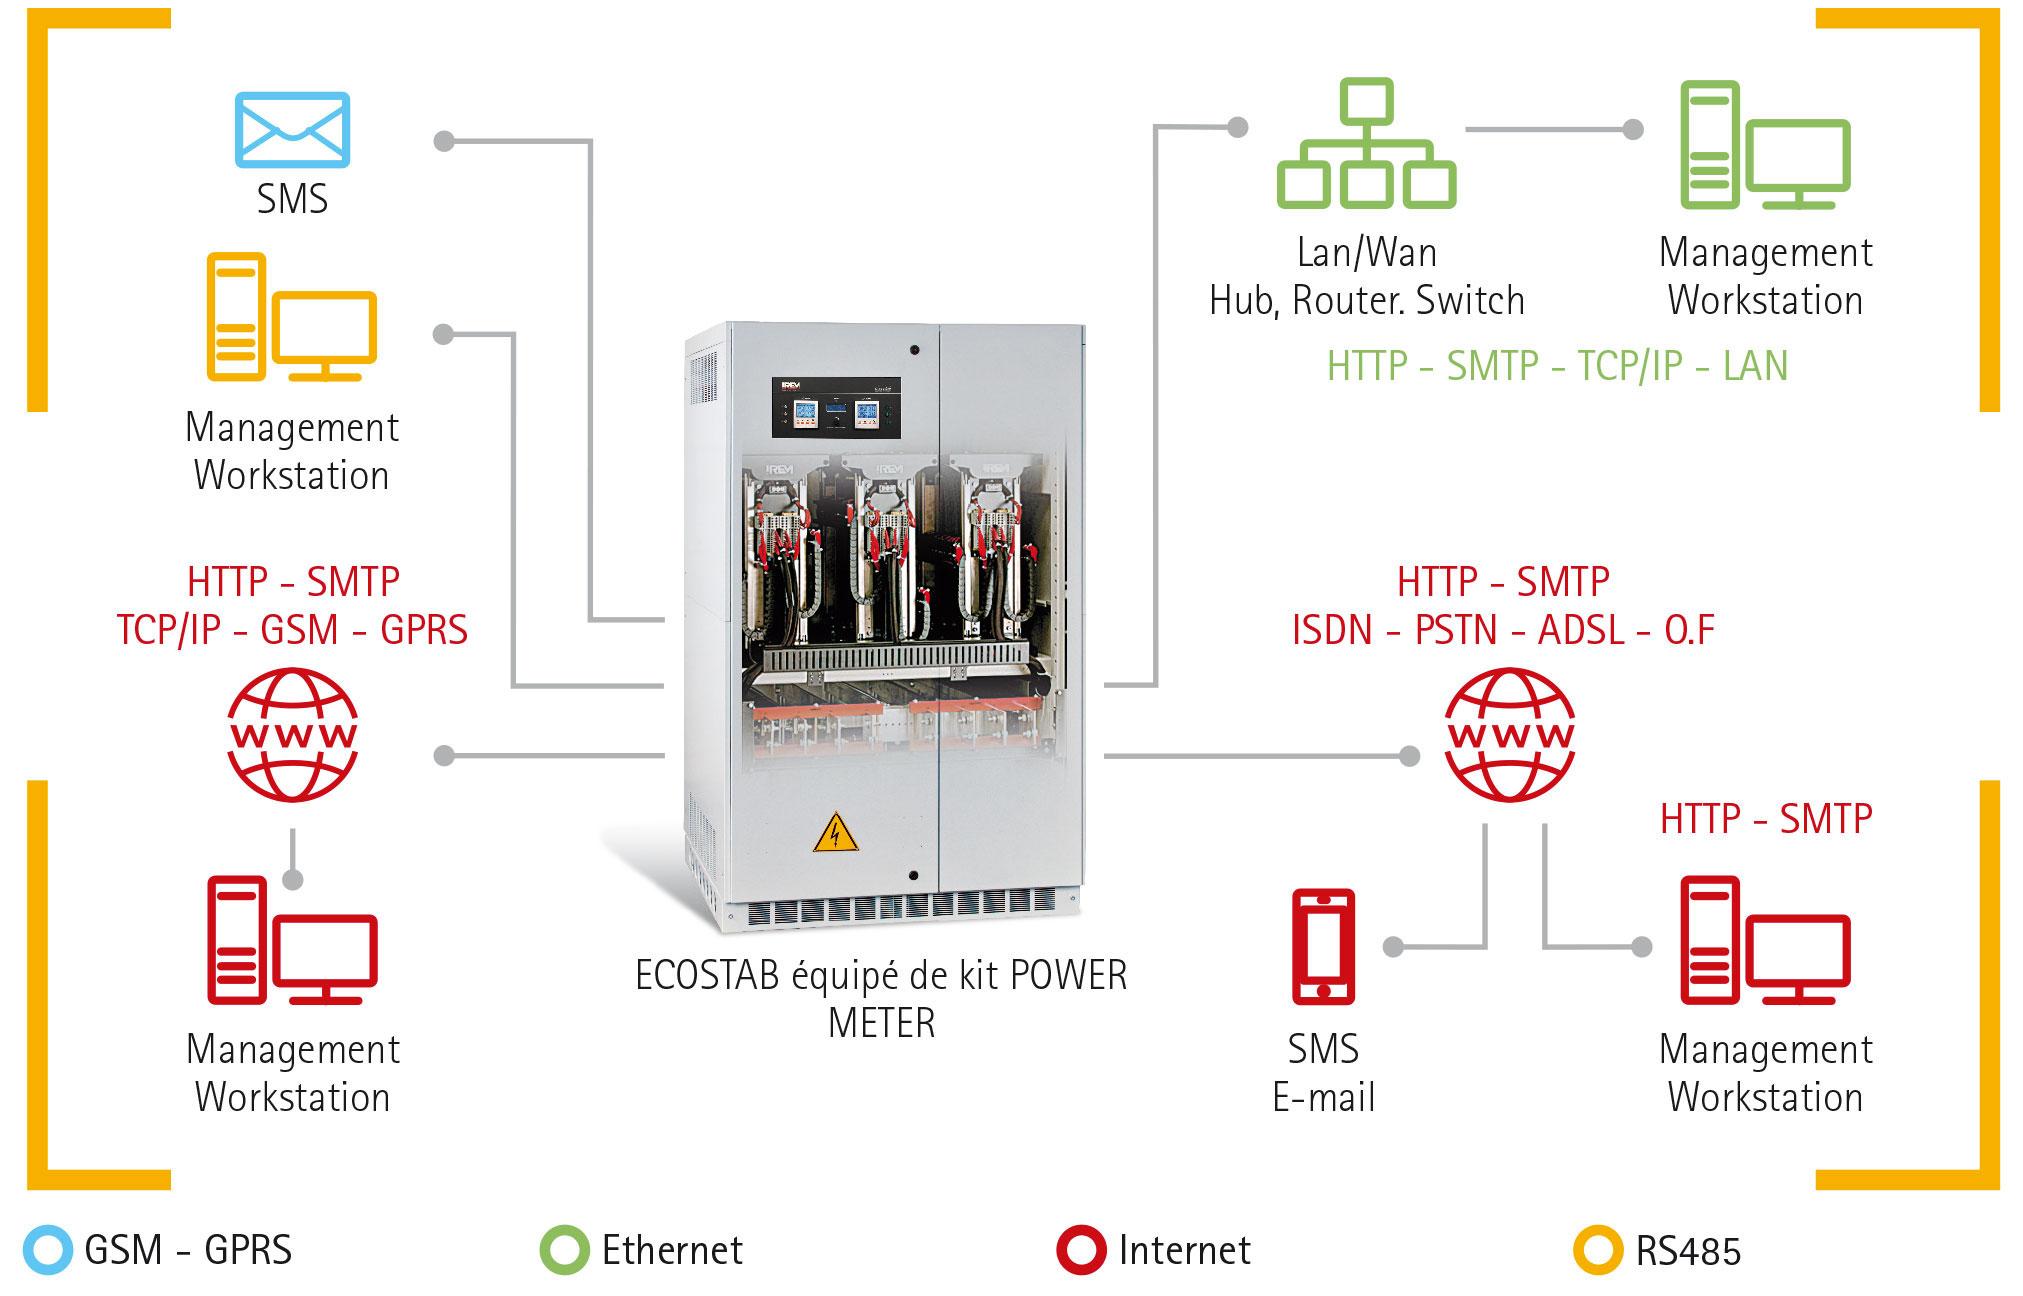 Economiseurs d'energie ecostab IREM - principe de fonctionnement